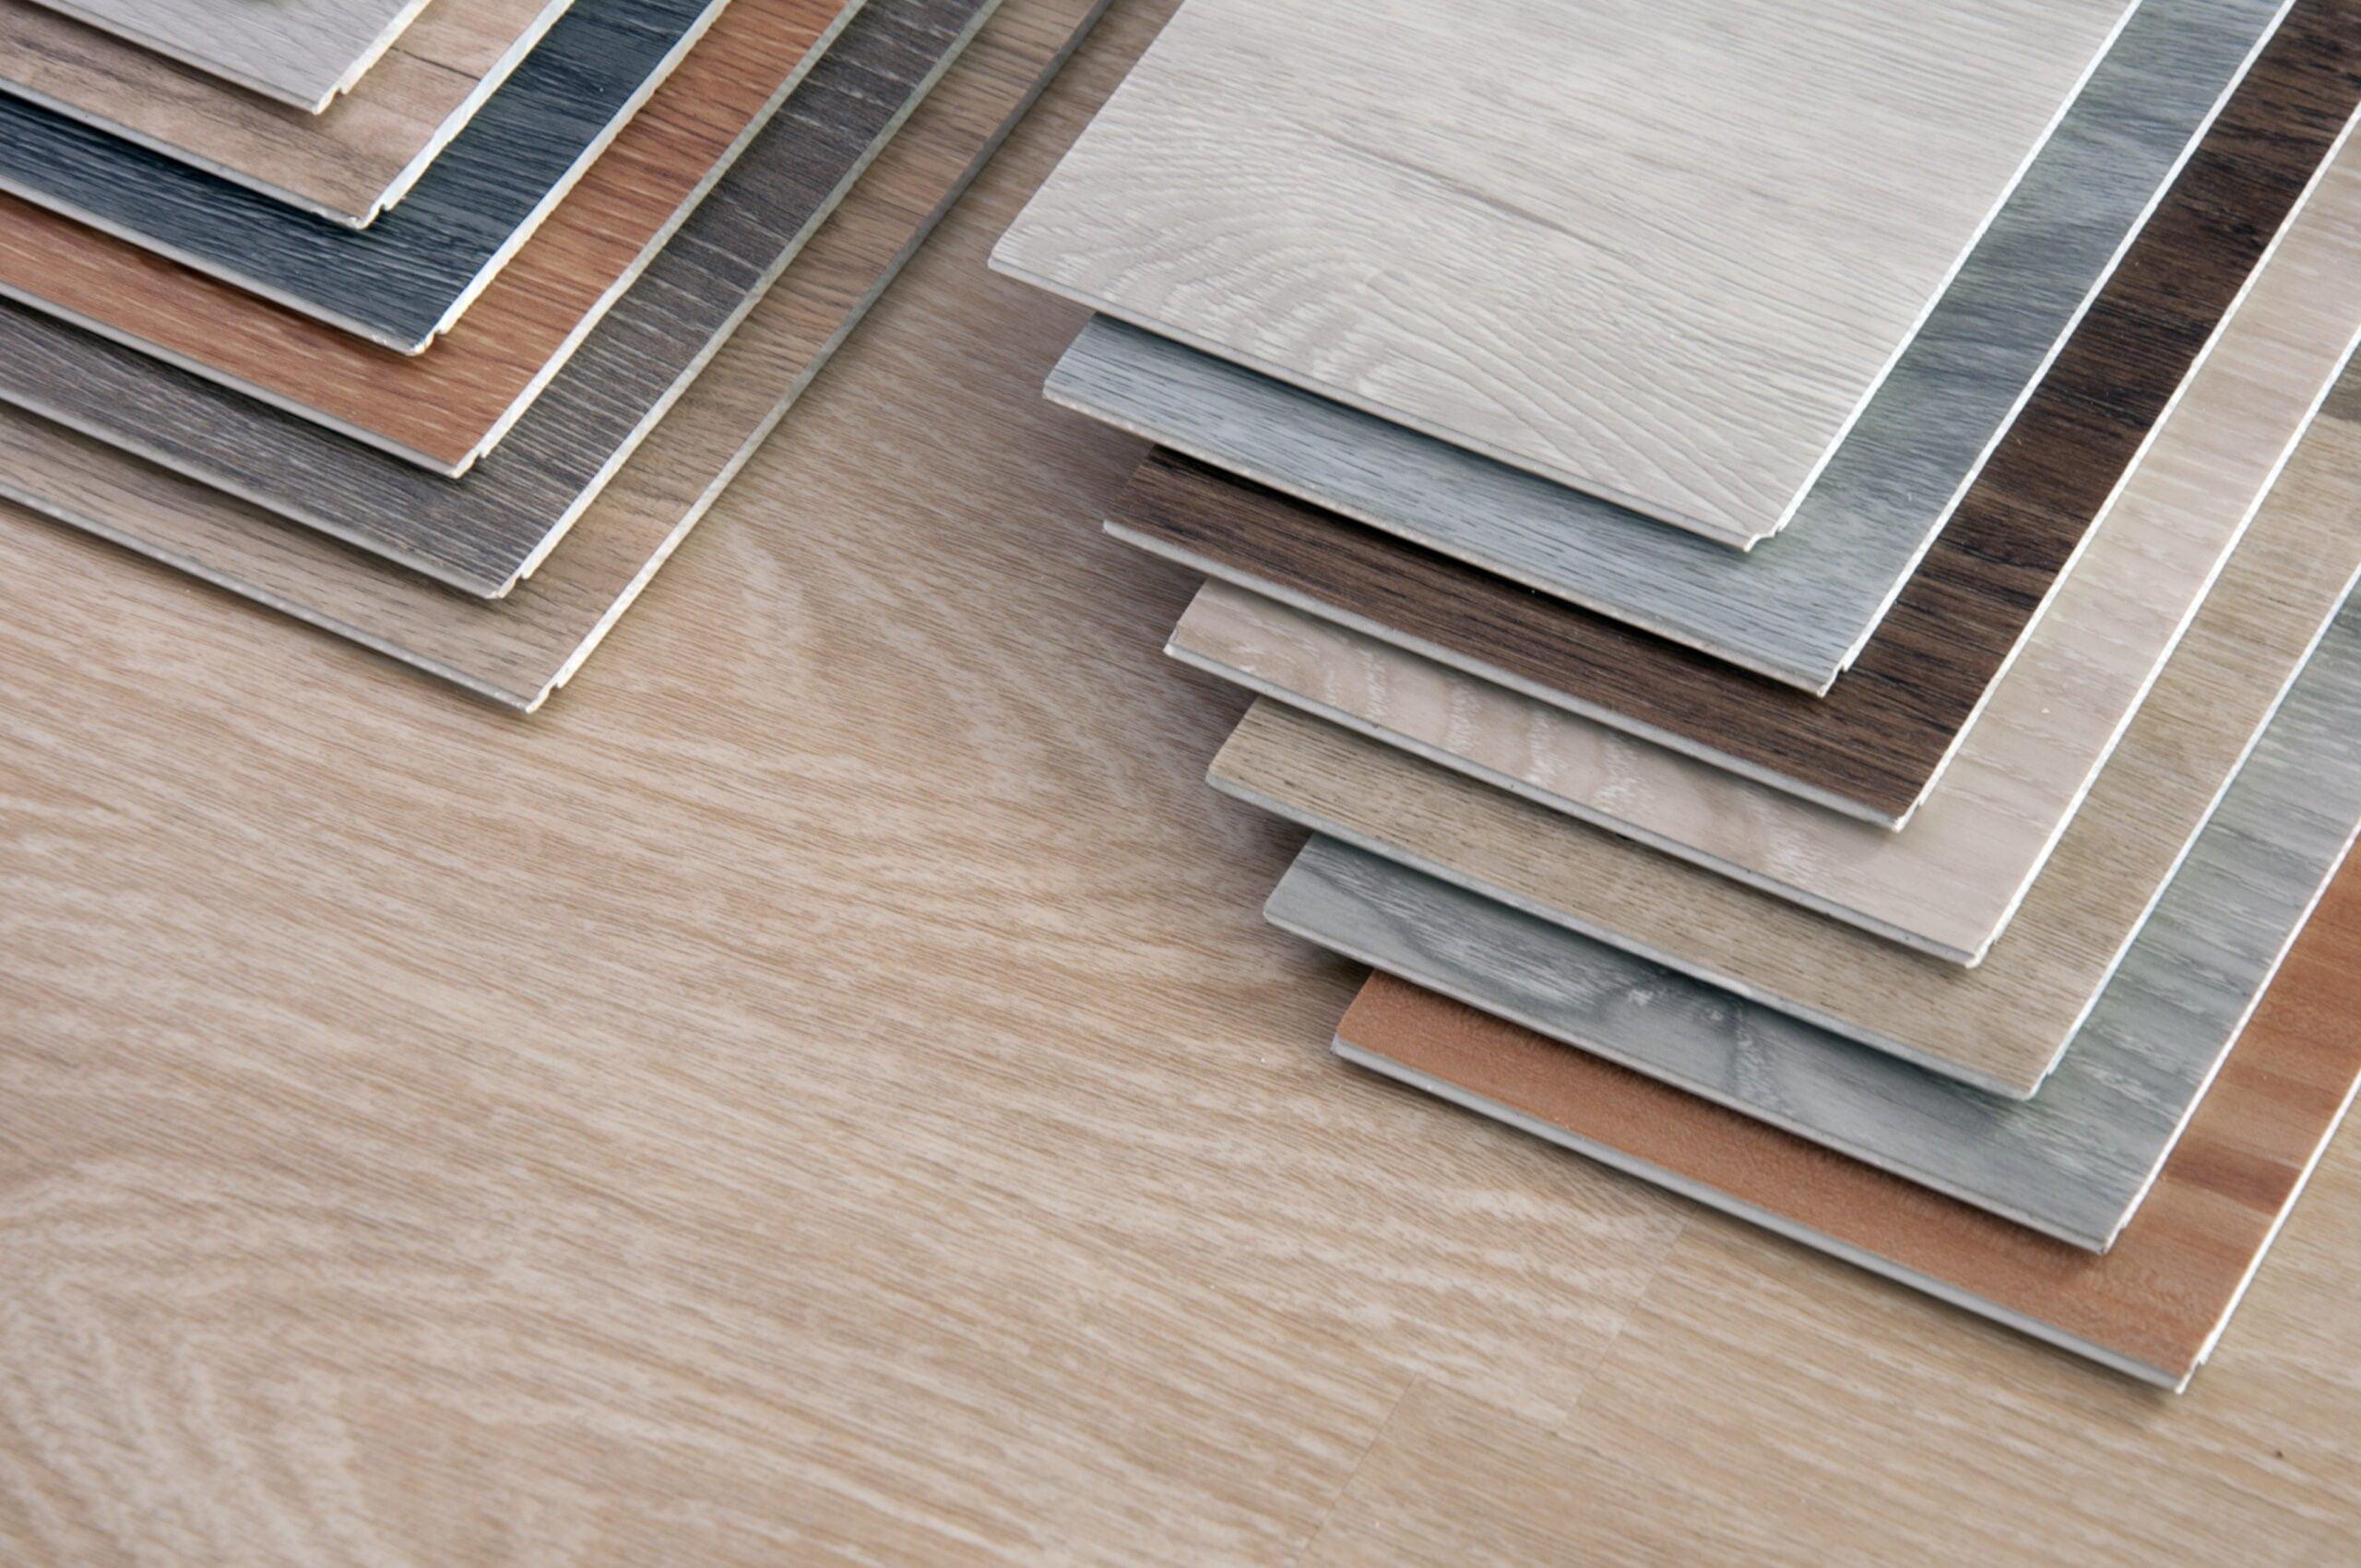 sample-hardwood-material-interior-design